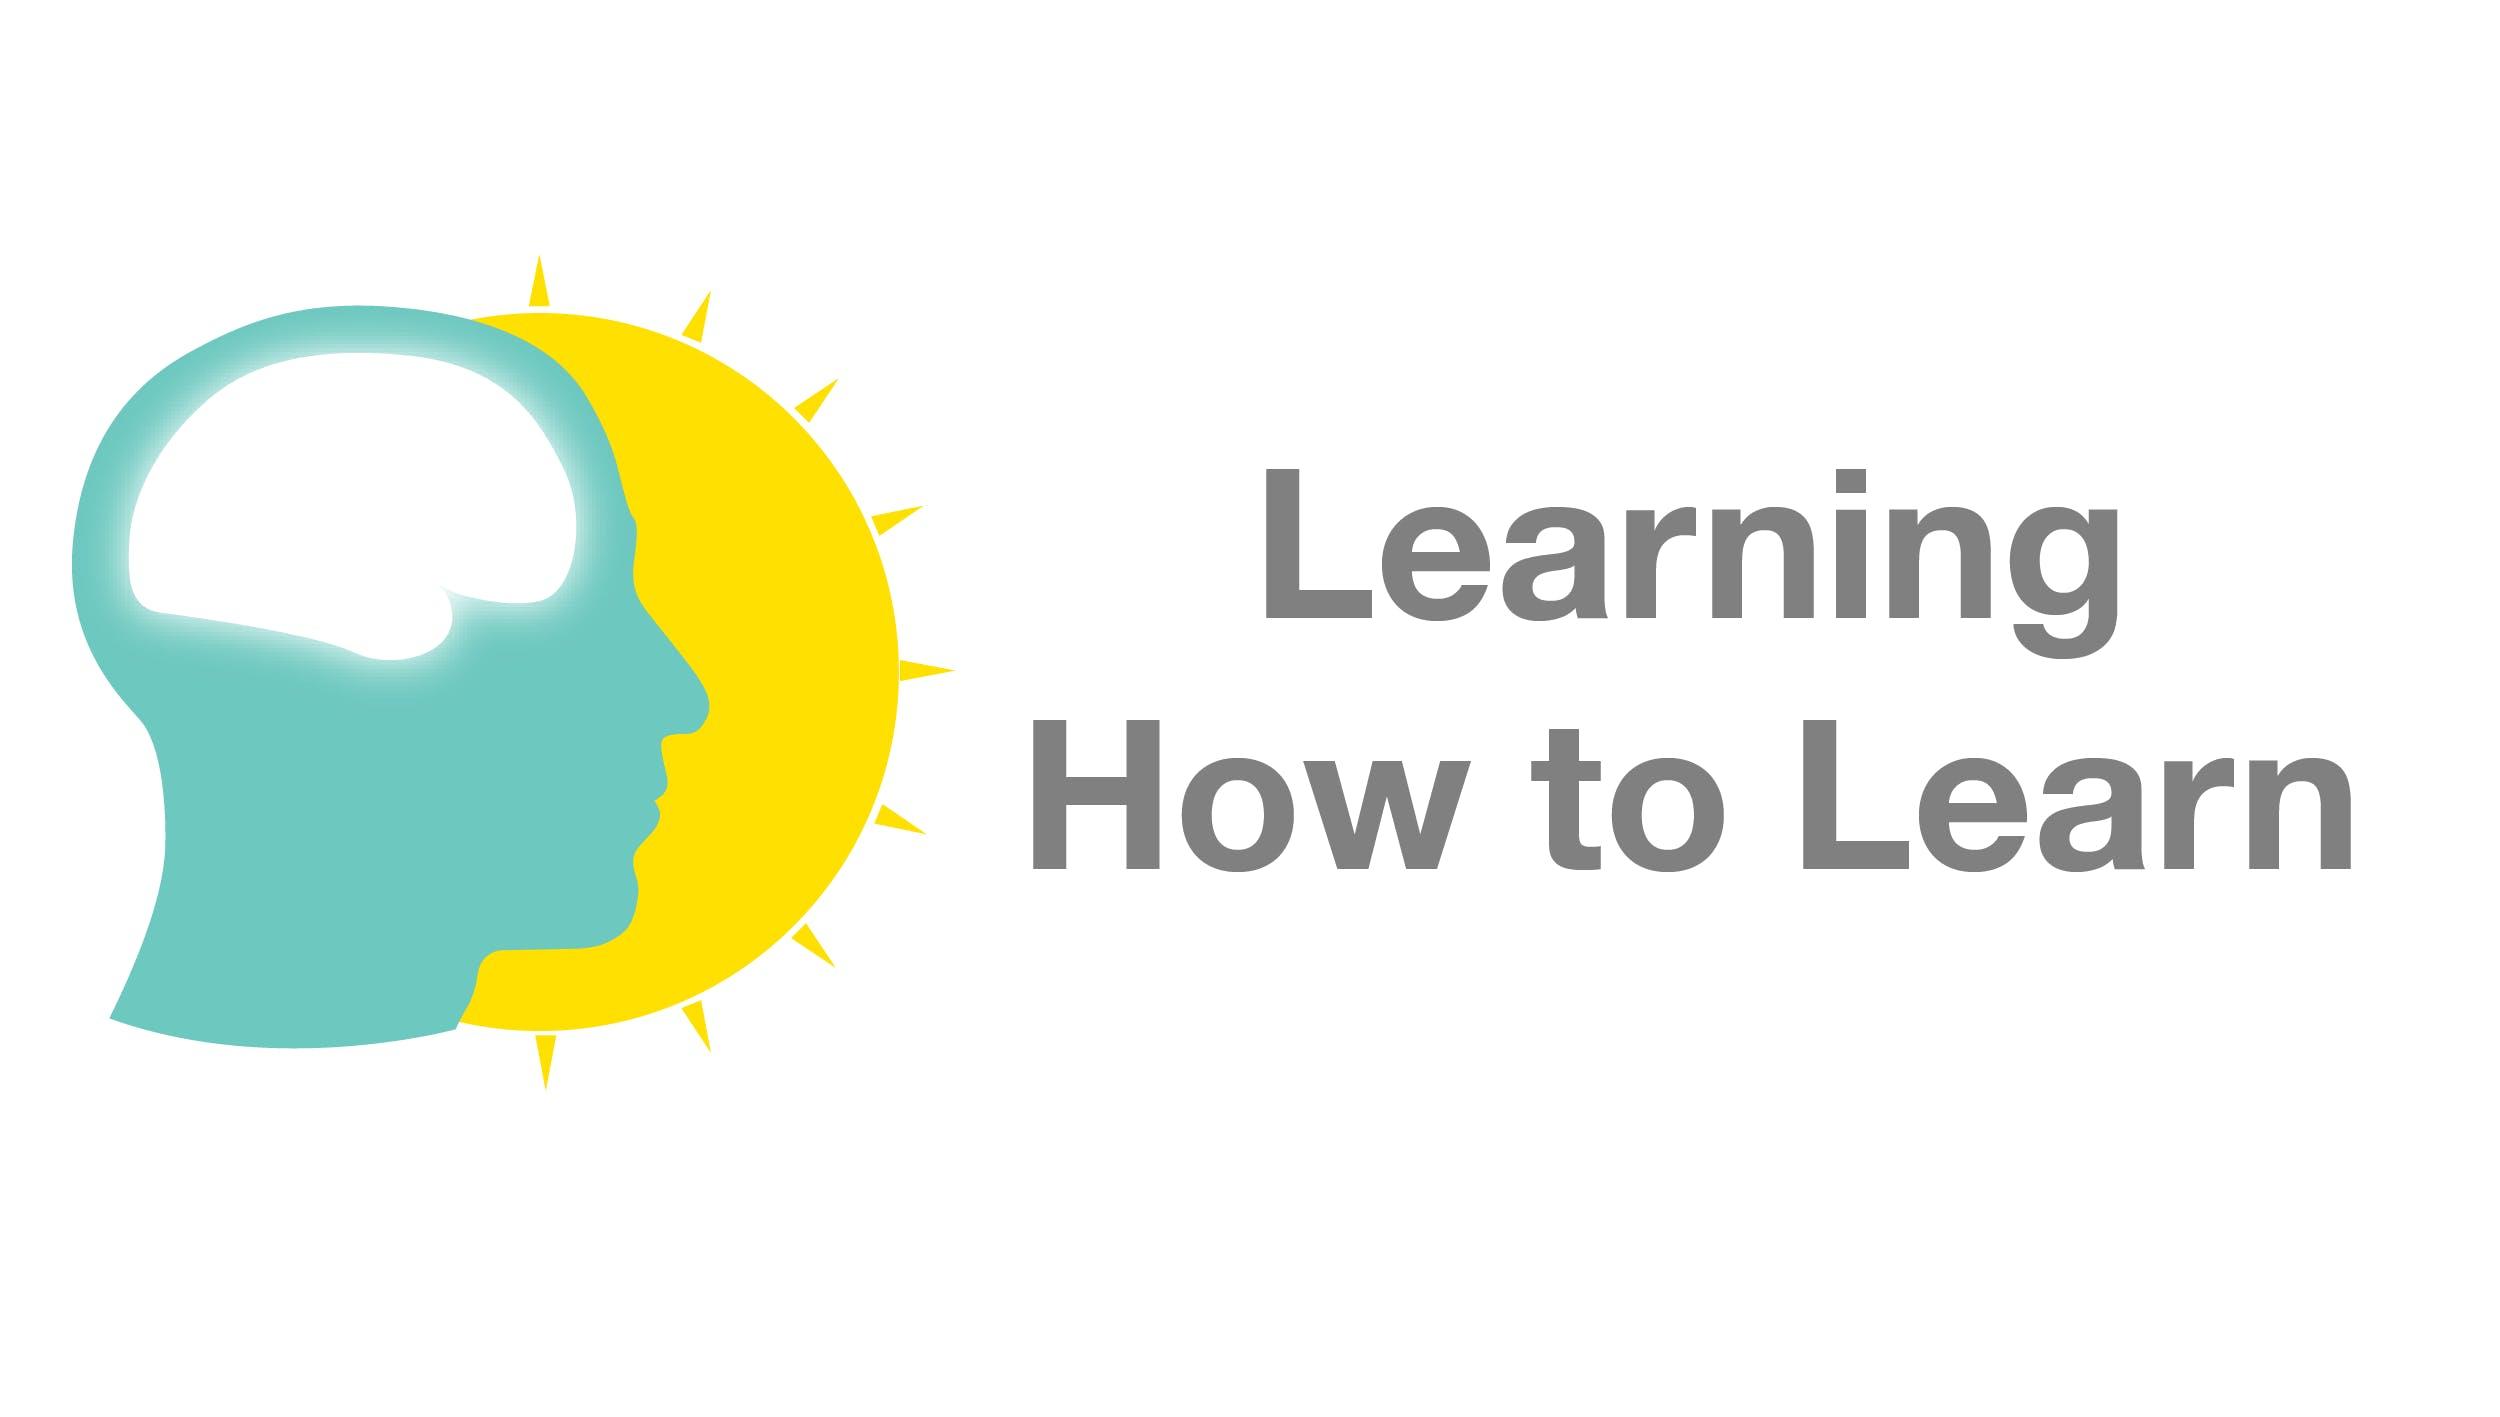 Aprendiendo a aprender: Poderosas herramientas mentales con las que podrás dominar temas difíciles (Learning How to Learn)